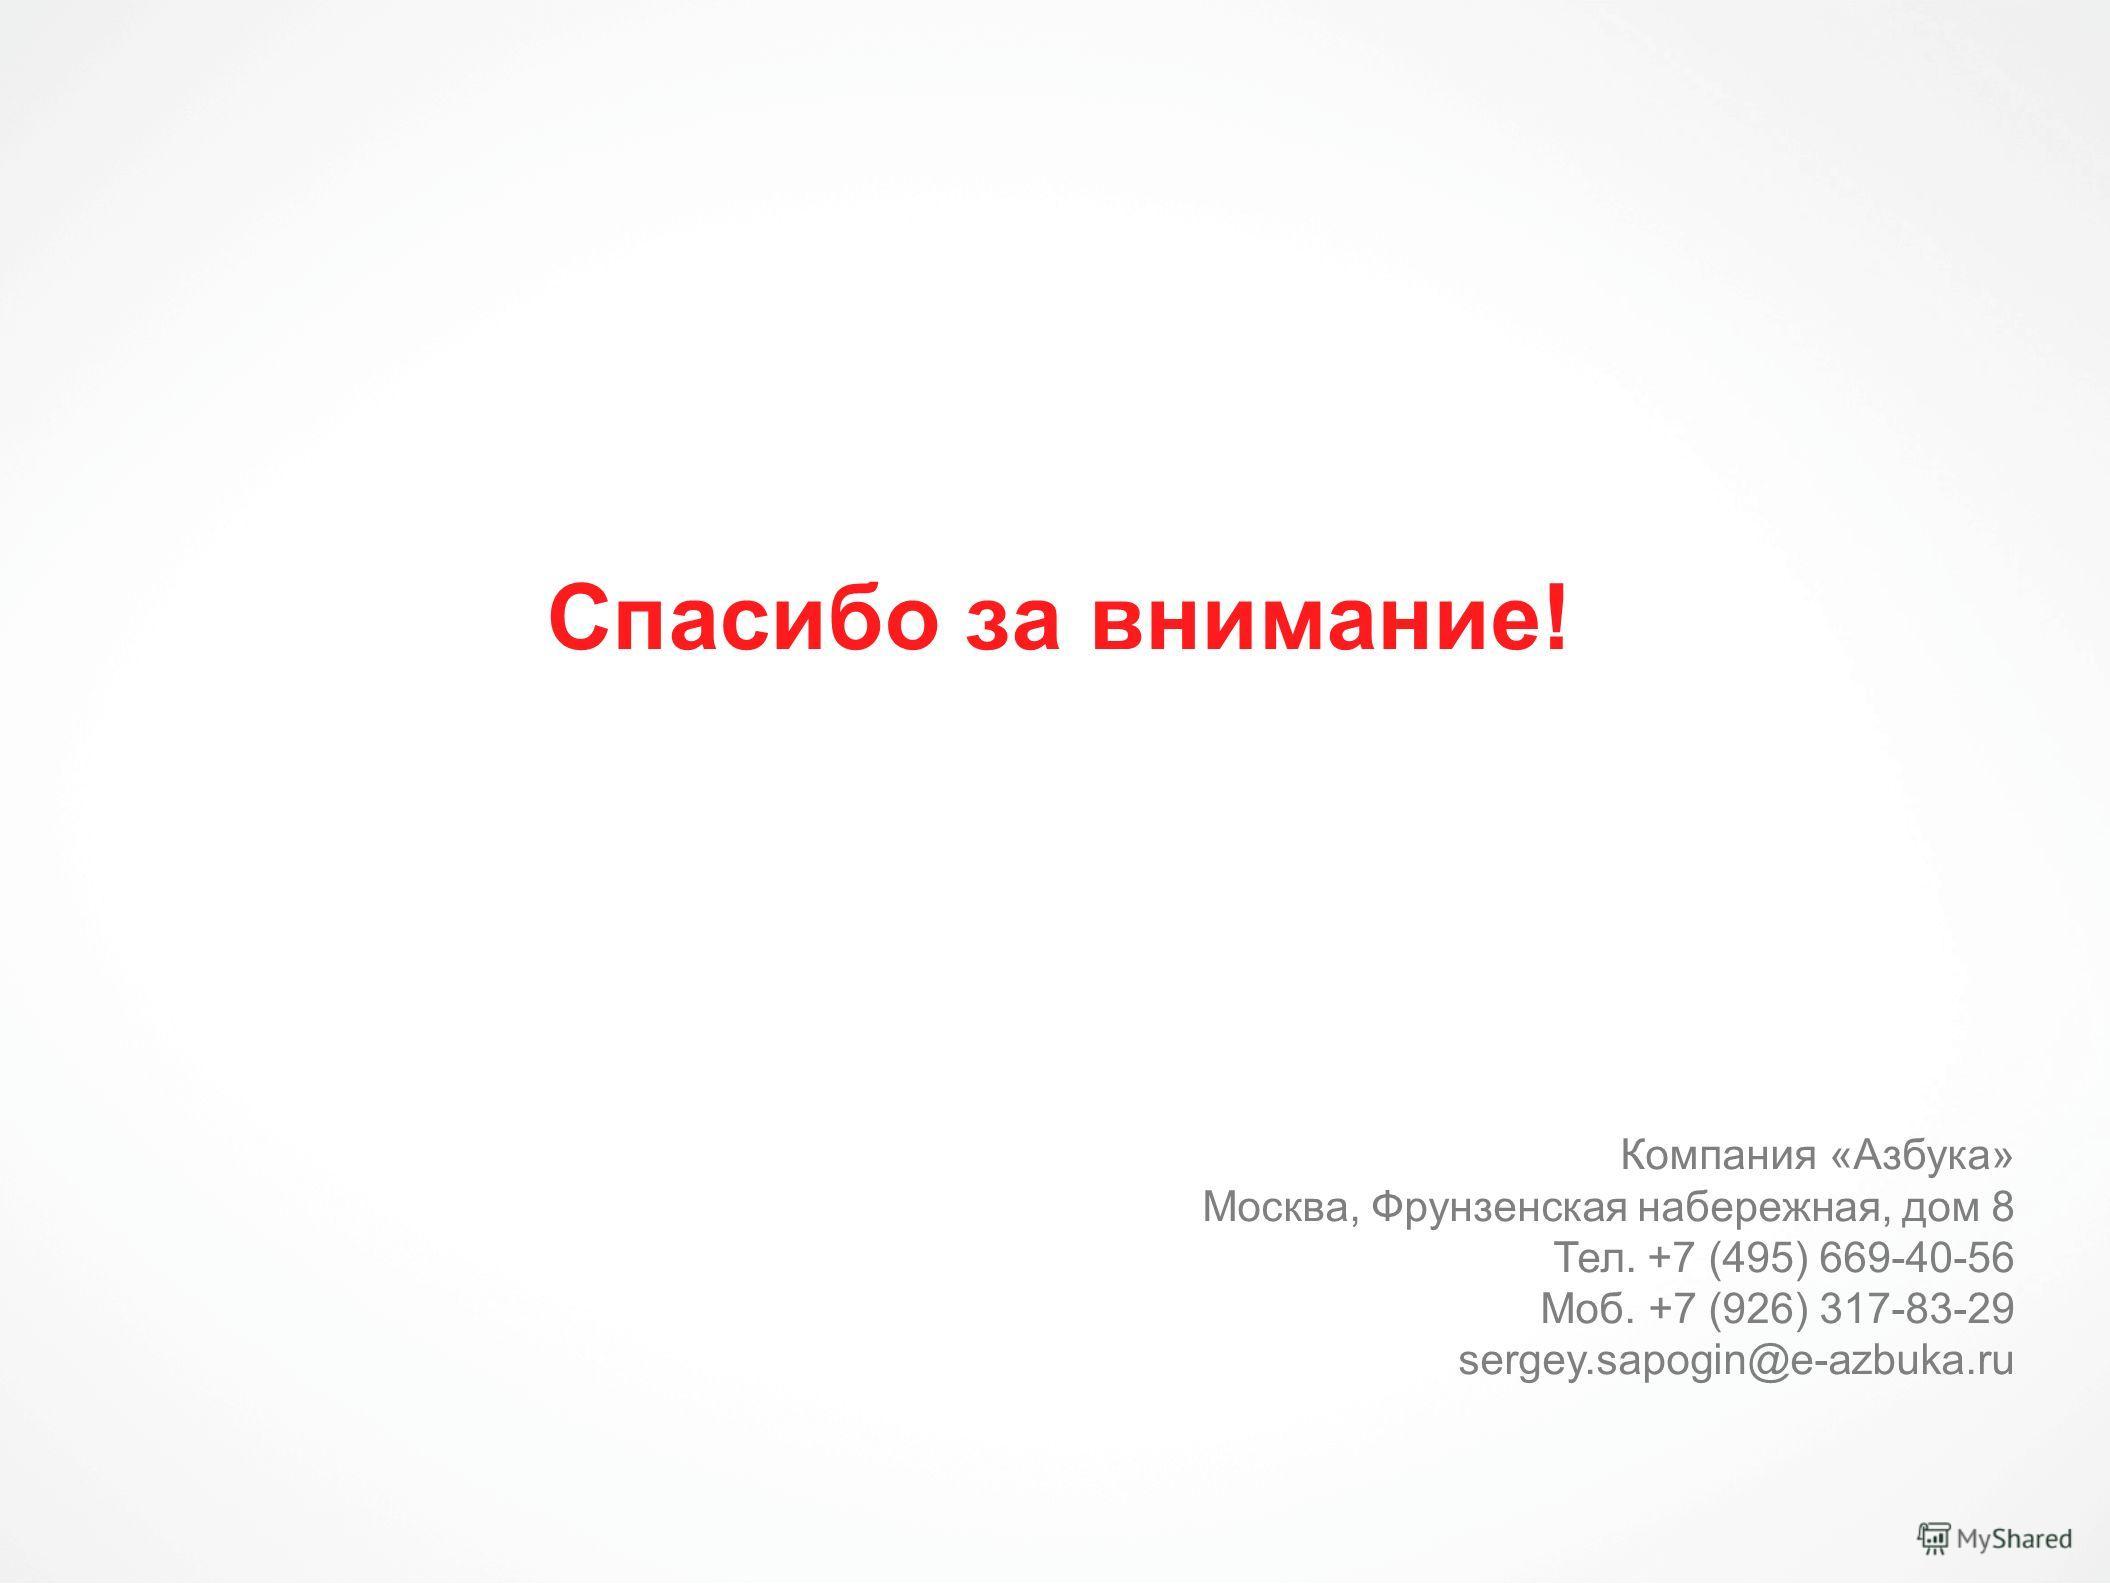 Спасибо за внимание! Компания «Азбука» Москва, Фрунзенская набережная, дом 8 Тел. +7 (495) 669-40-56 Моб. +7 (926) 317-83-29 sergey.sapogin@e-azbuka.ru